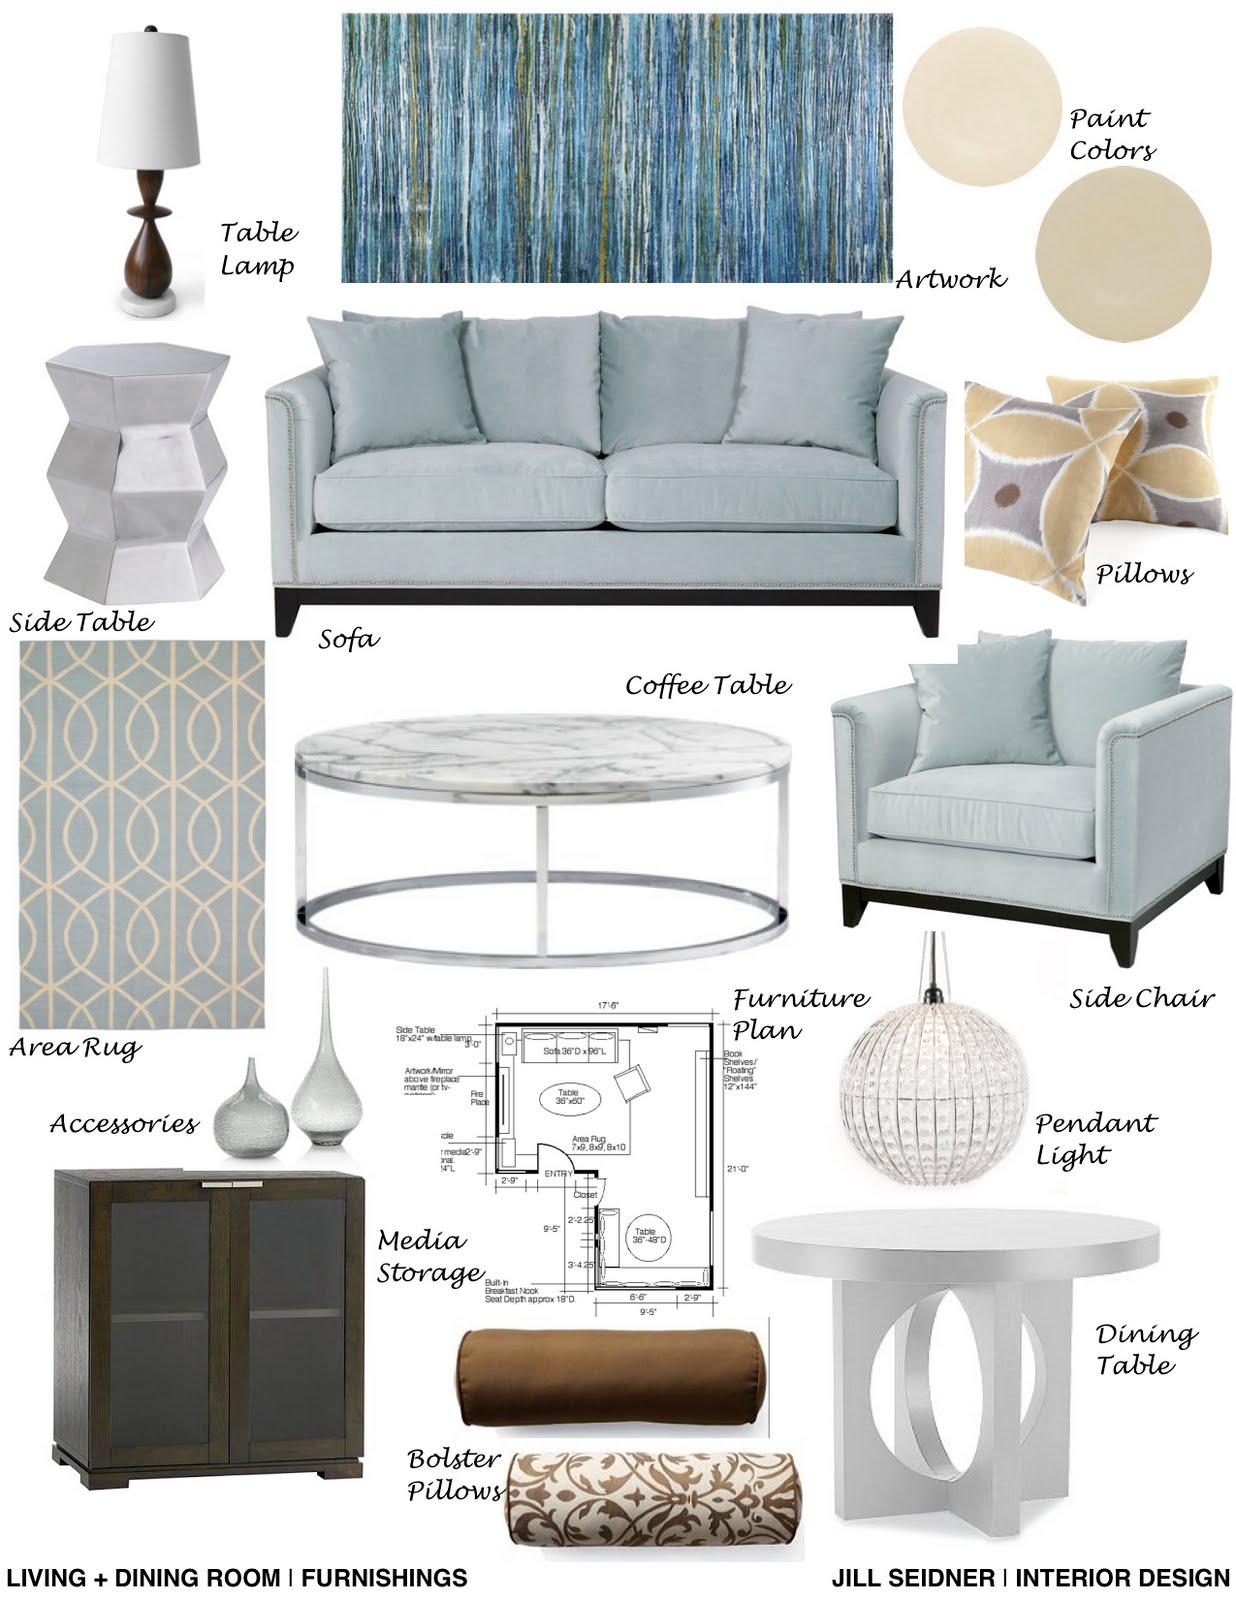 jill seidner interior design online design | interior